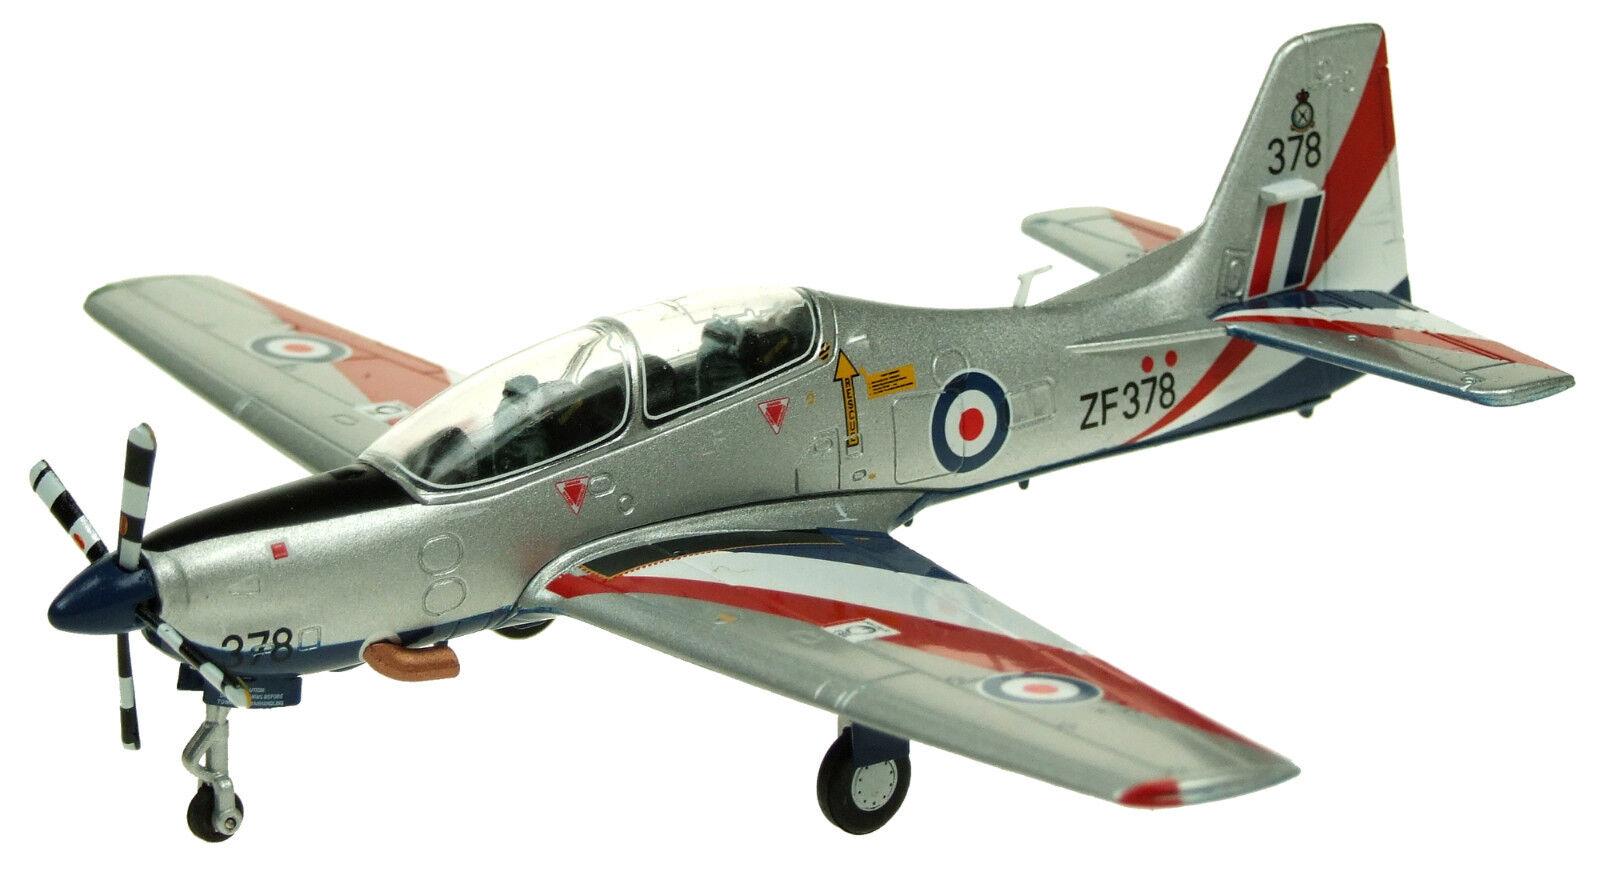 Aviación72 Av7227005 1 72 Corta Tucano Tucano Tucano Fuerza Aérea Real Zf378 be8462